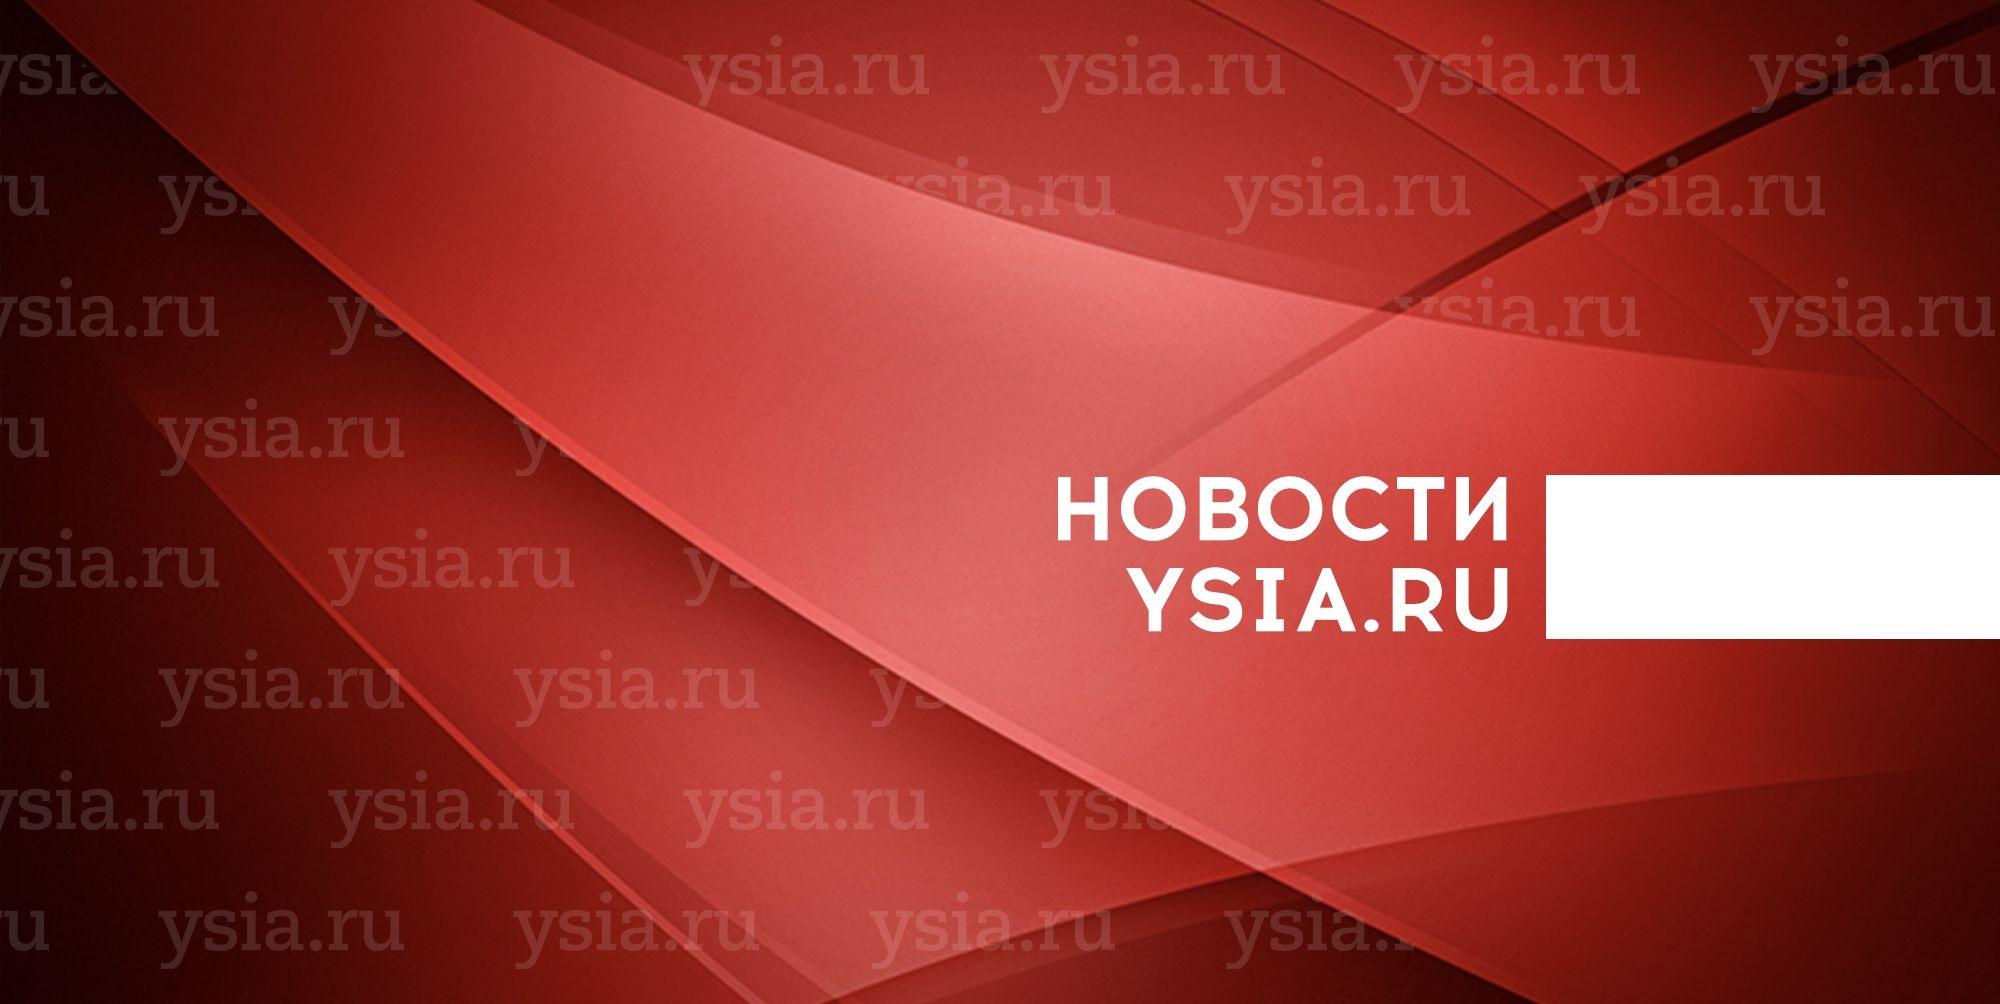 В России С 1 Апреля 2021 Года Изменятся Правила Сдачи